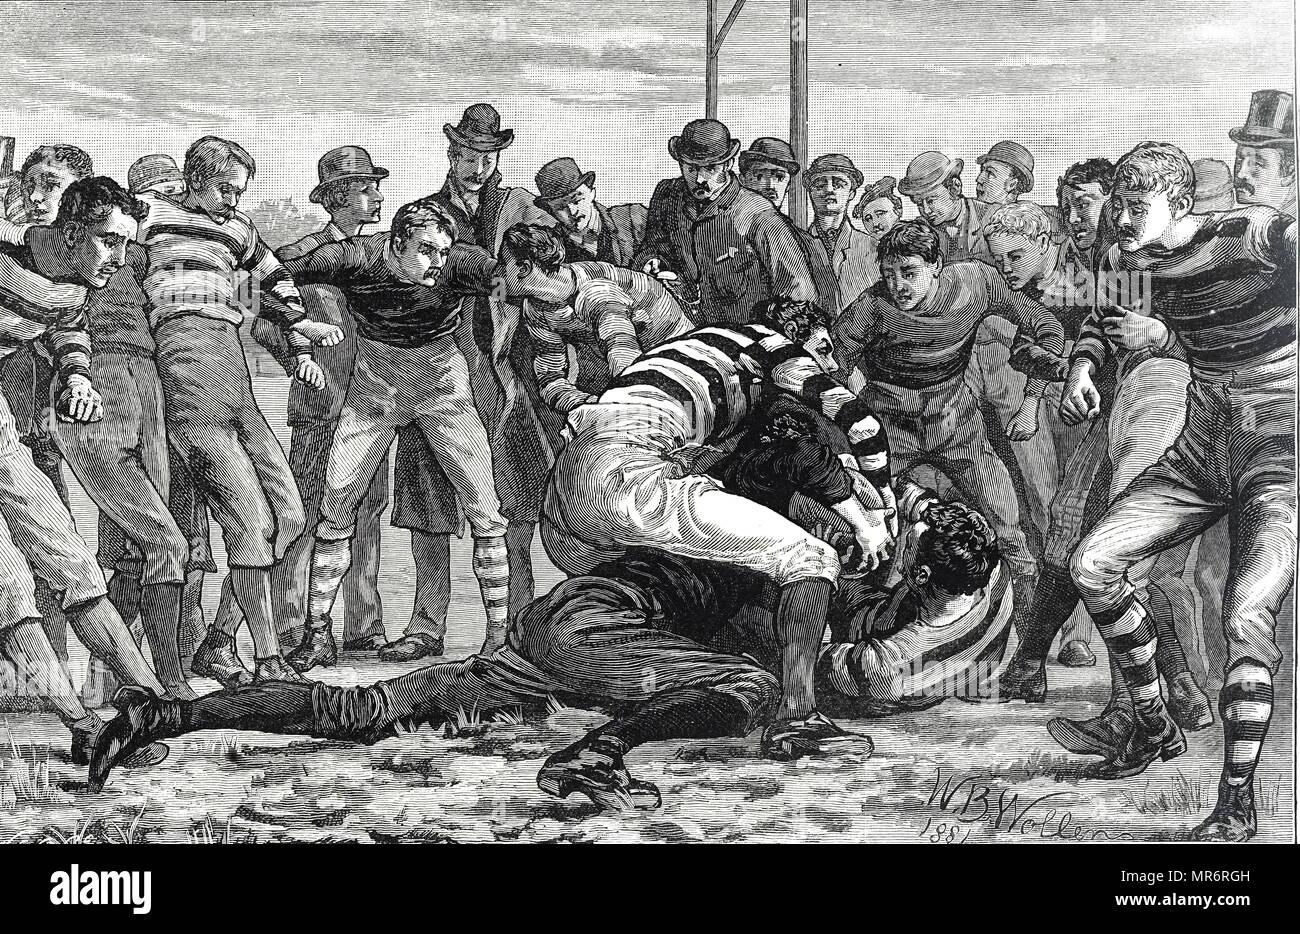 Grabado representando hombres jugando al rugby. El Rugby reglas significan que los defensores tratan de impedir que la oposición haciendo un intento. Fecha del siglo XIX Imagen De Stock